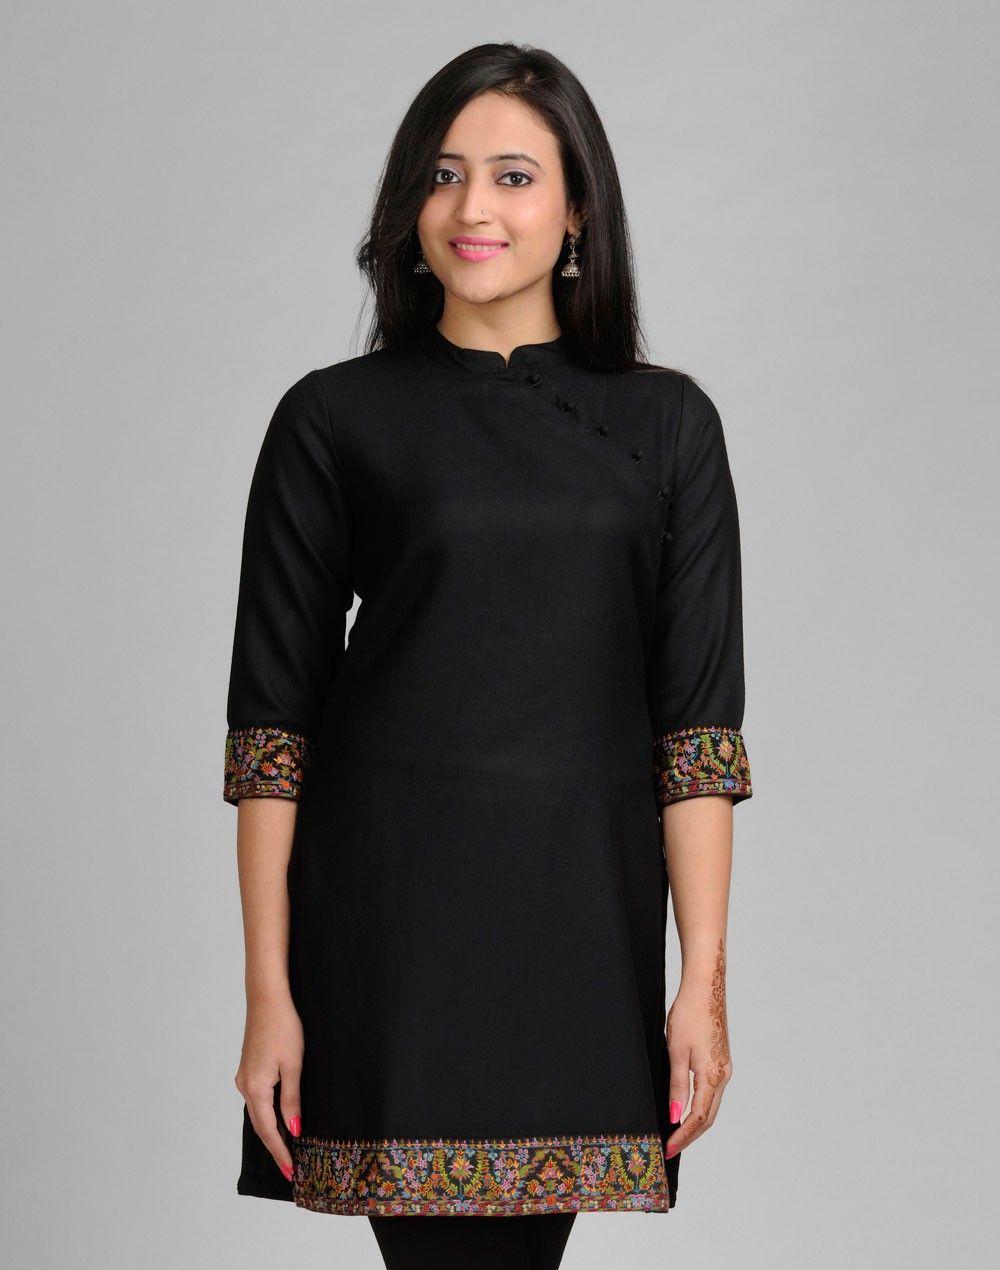 Kashmir dress picture color